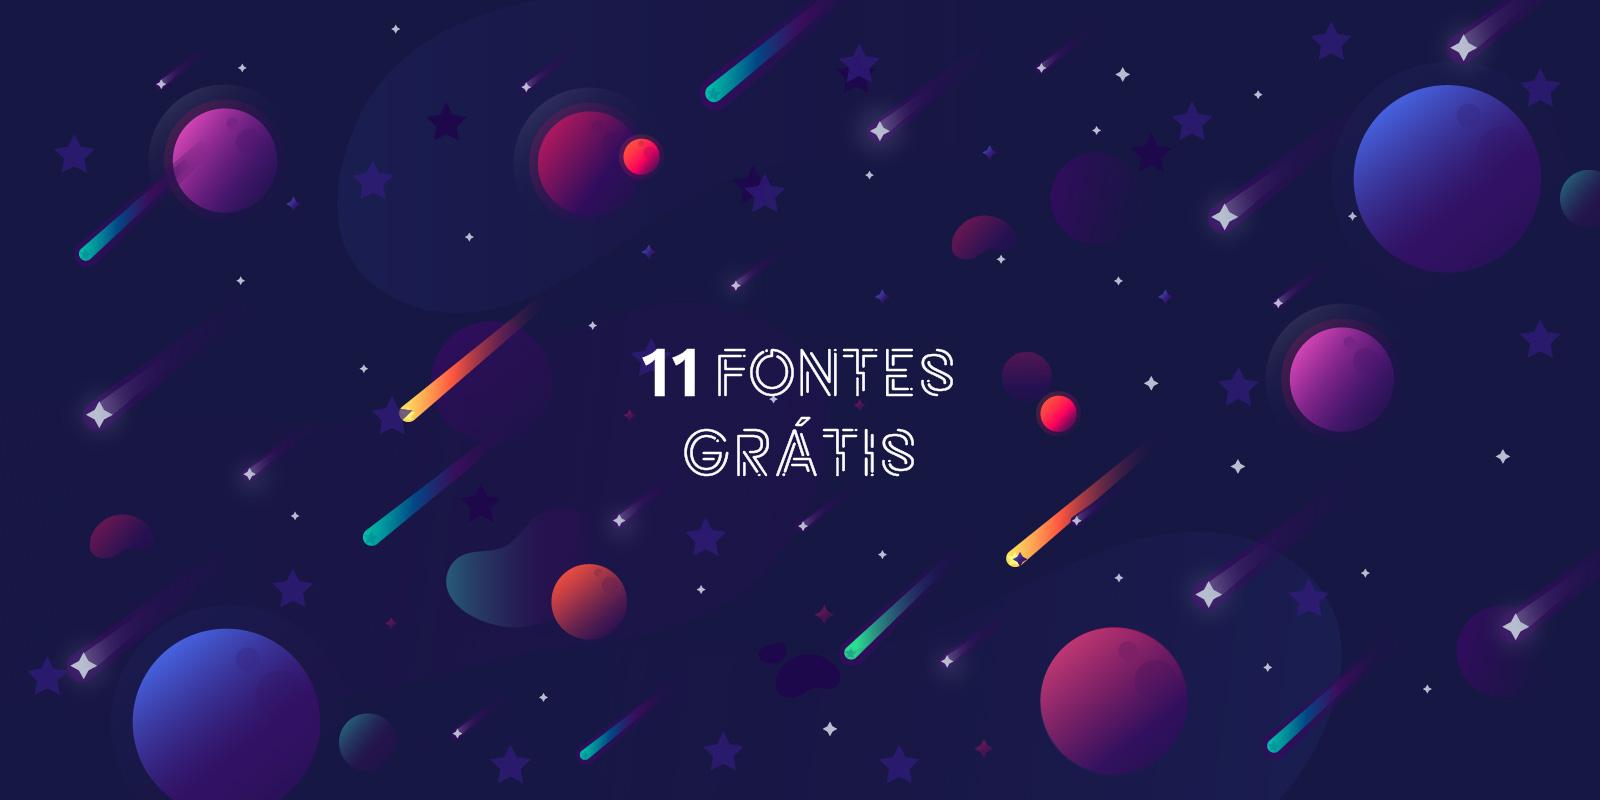 Des1gnON - 11 Fontes Grátis e Novas para Designers